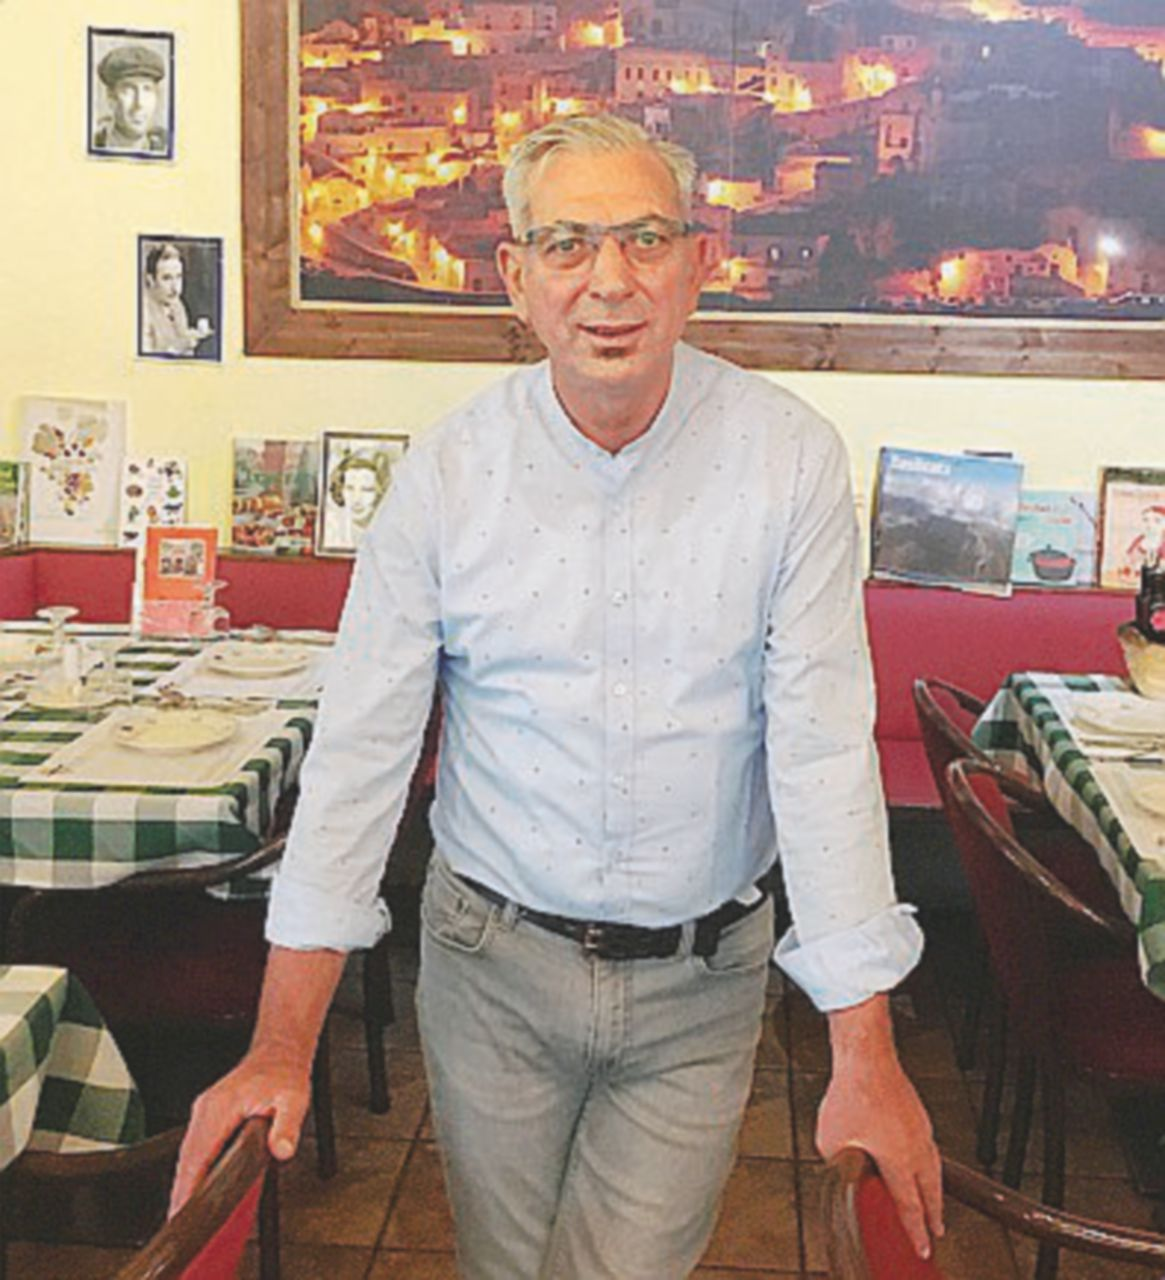 Pino, che a Berlino dona cibo all'asilo più vicino e lotta contro la mafia